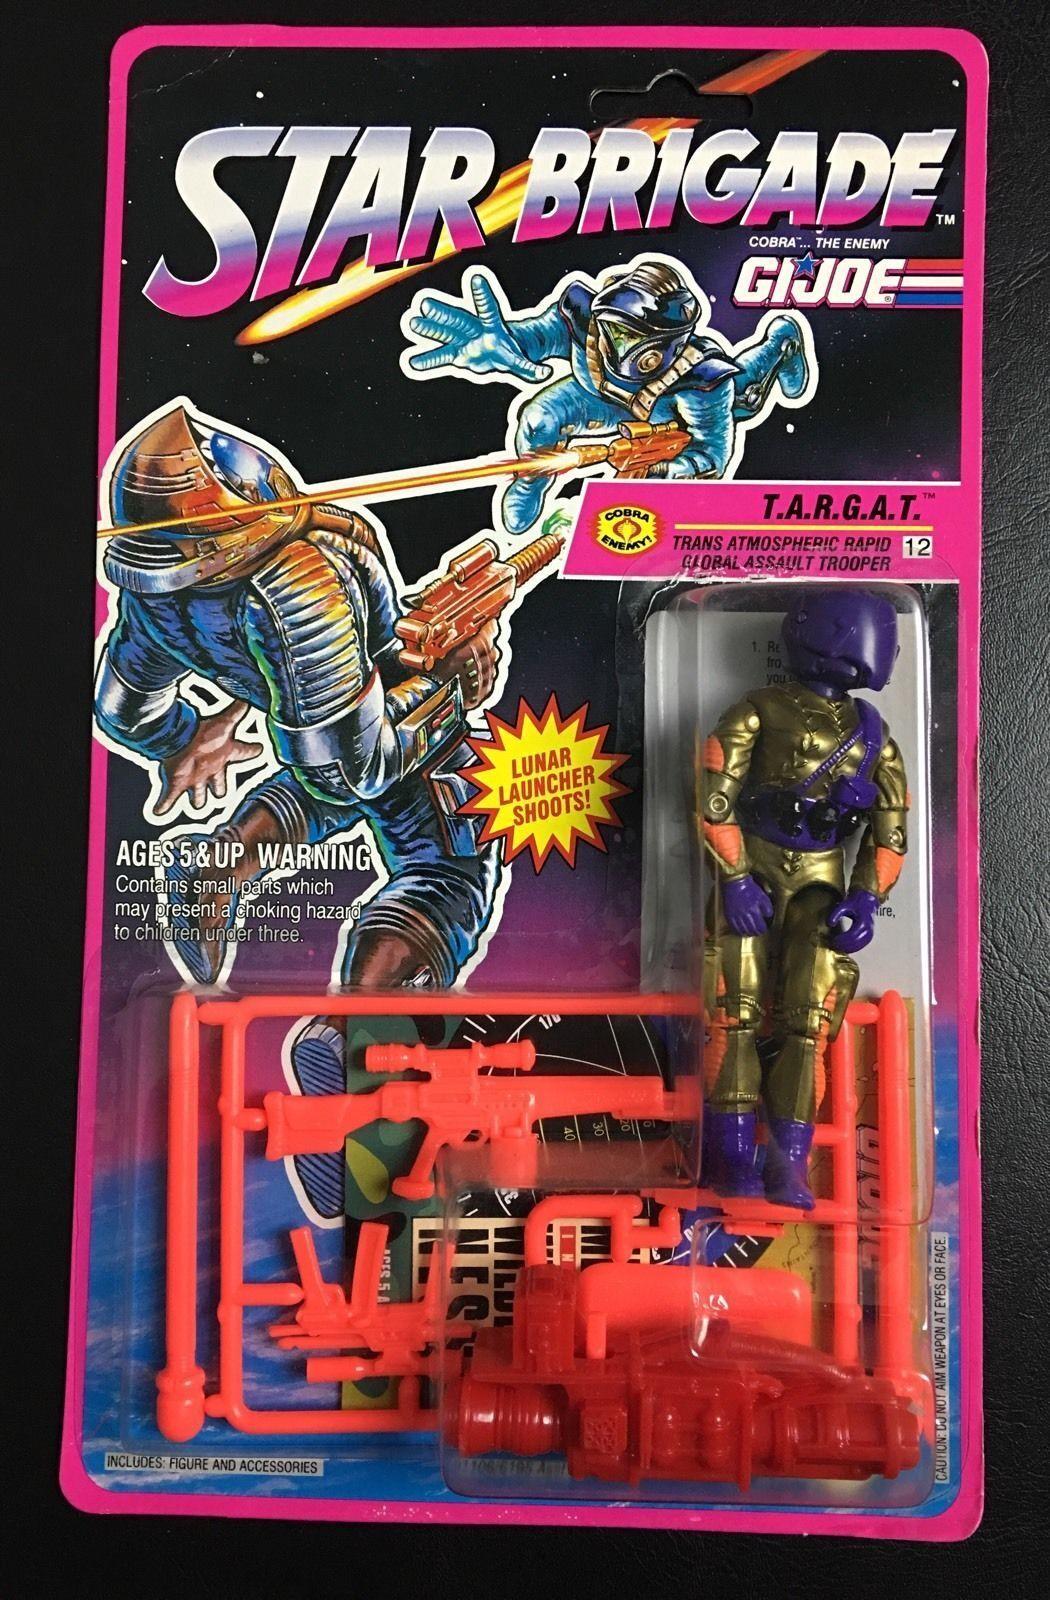 GI Joe Star Brigade1993 Cobra T.A.R.G.A.T. MOC 3.75  MOC